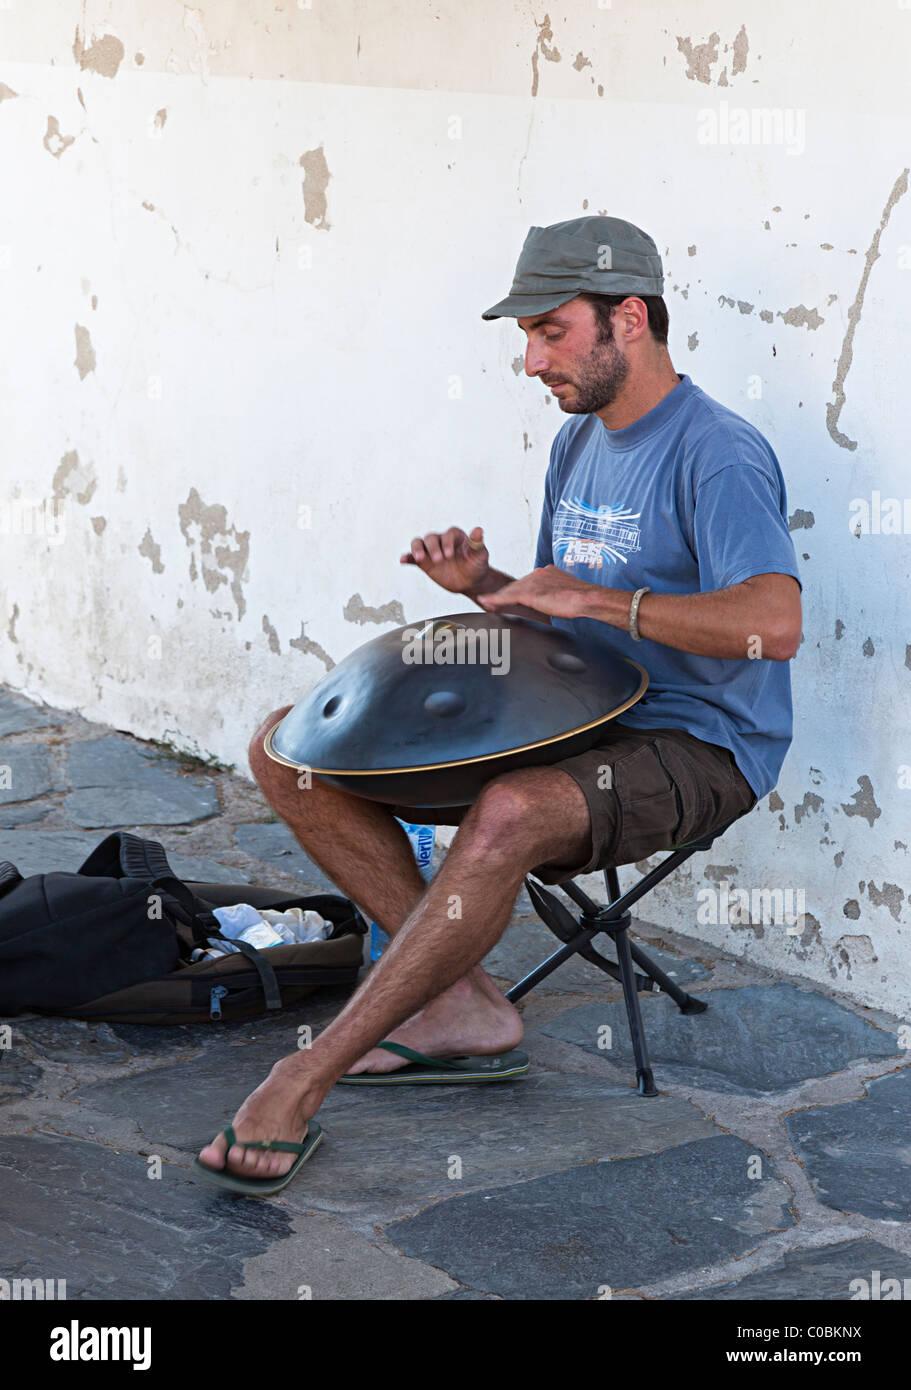 L'uomo gioca un appendere lo strumento musicale per i suggerimenti nella cittadina balneare di Cadaqués Immagini Stock